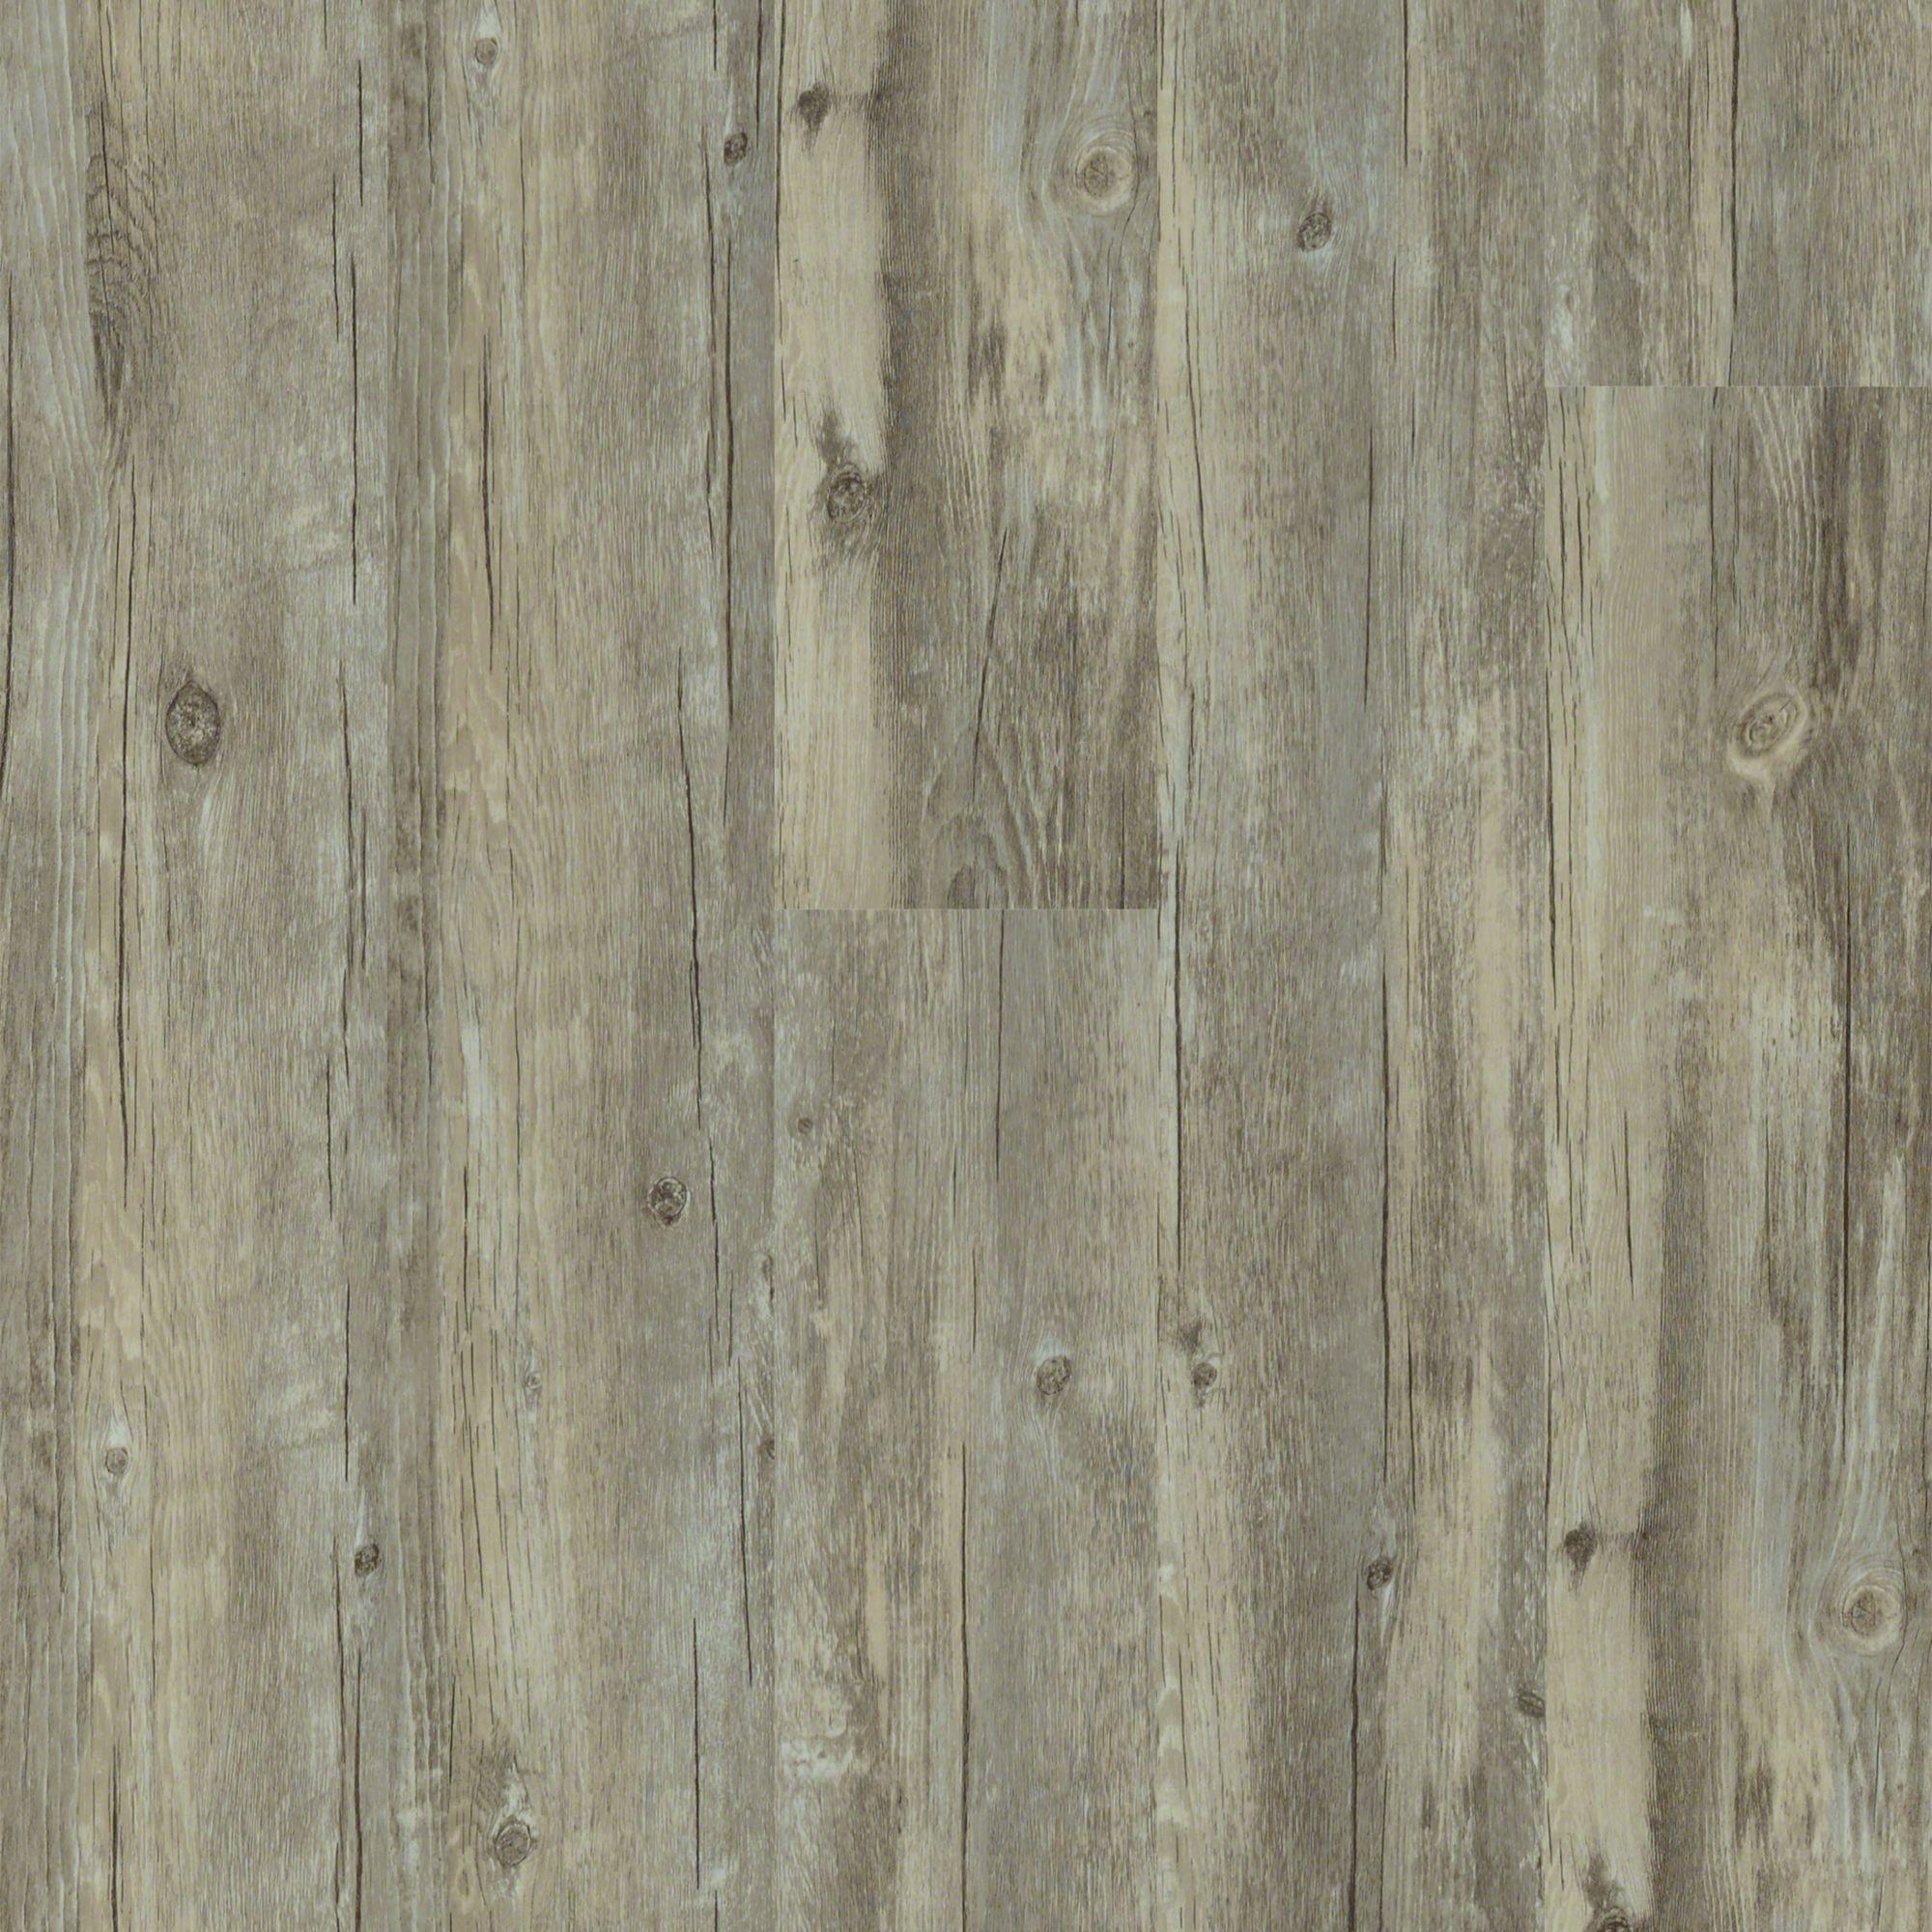 Mantua Plank Roma in 2020 Vinyl plank flooring, Luxury